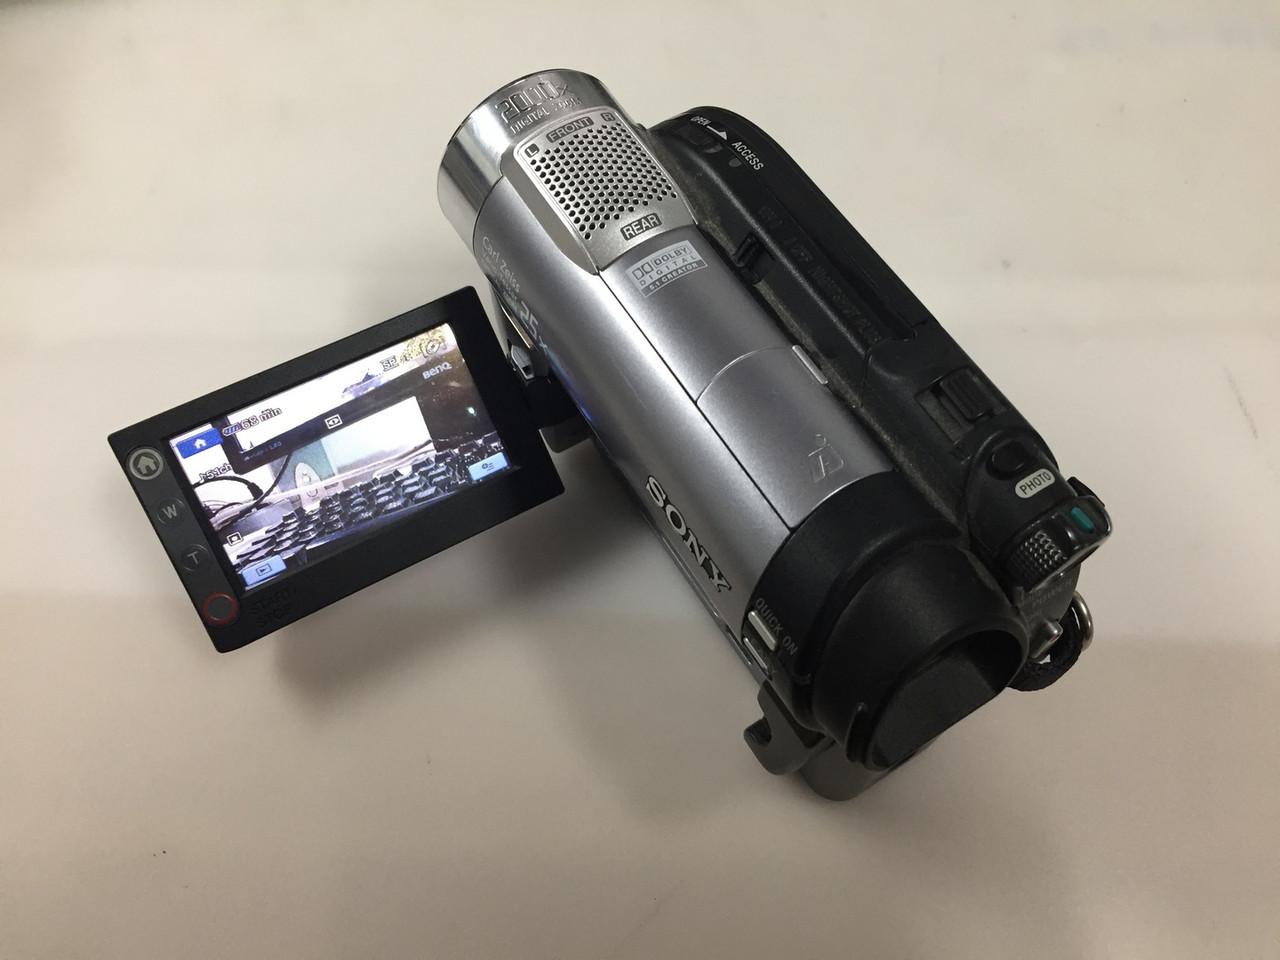 Видеокамера Sony DCR-DVD710E запись на DVD и флешку